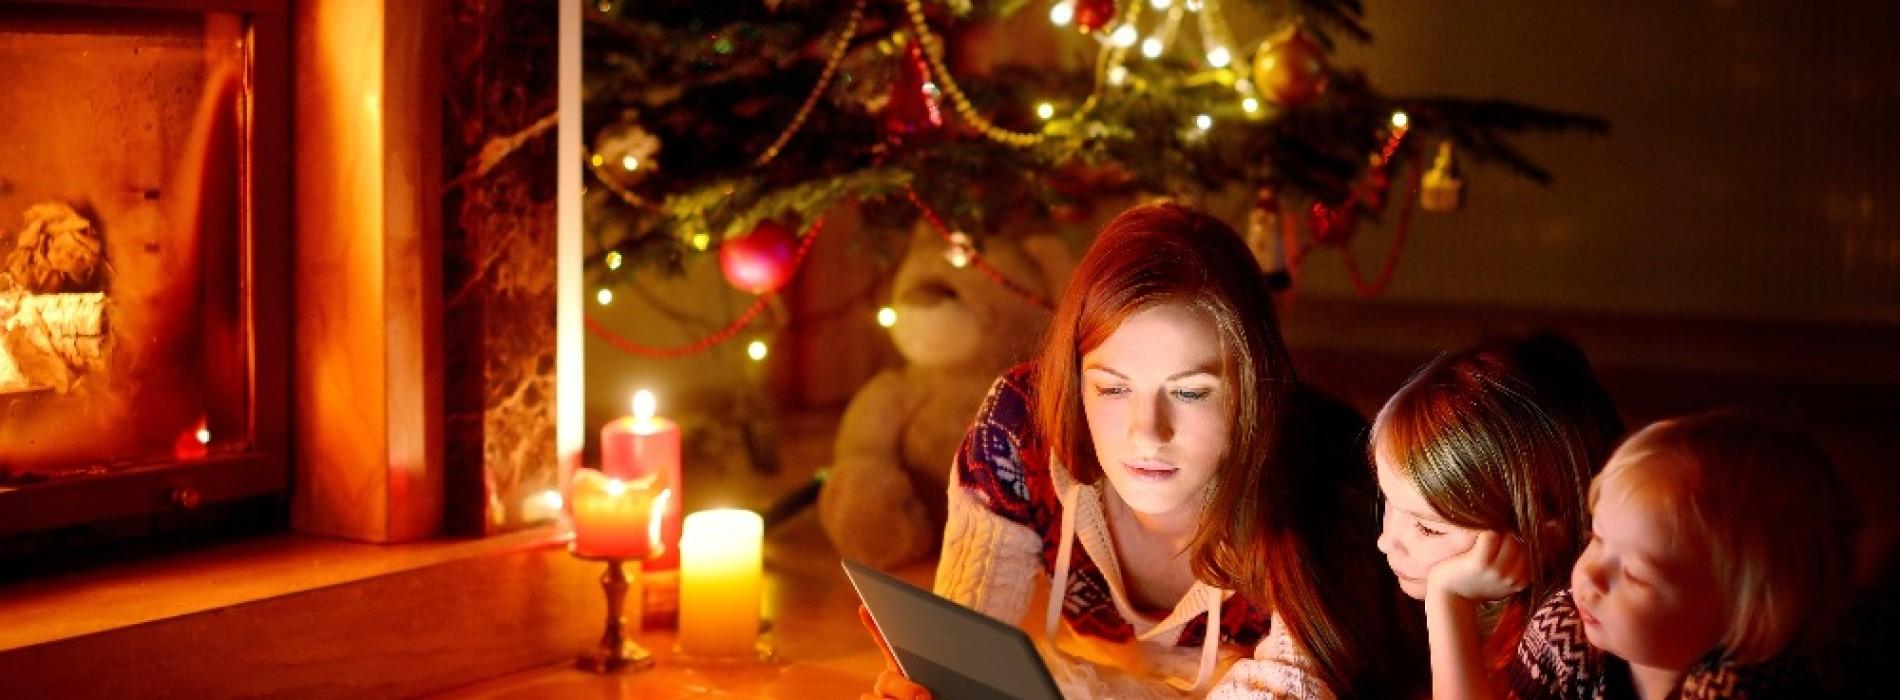 Jakou čtečku knih na Vánoce 2015?